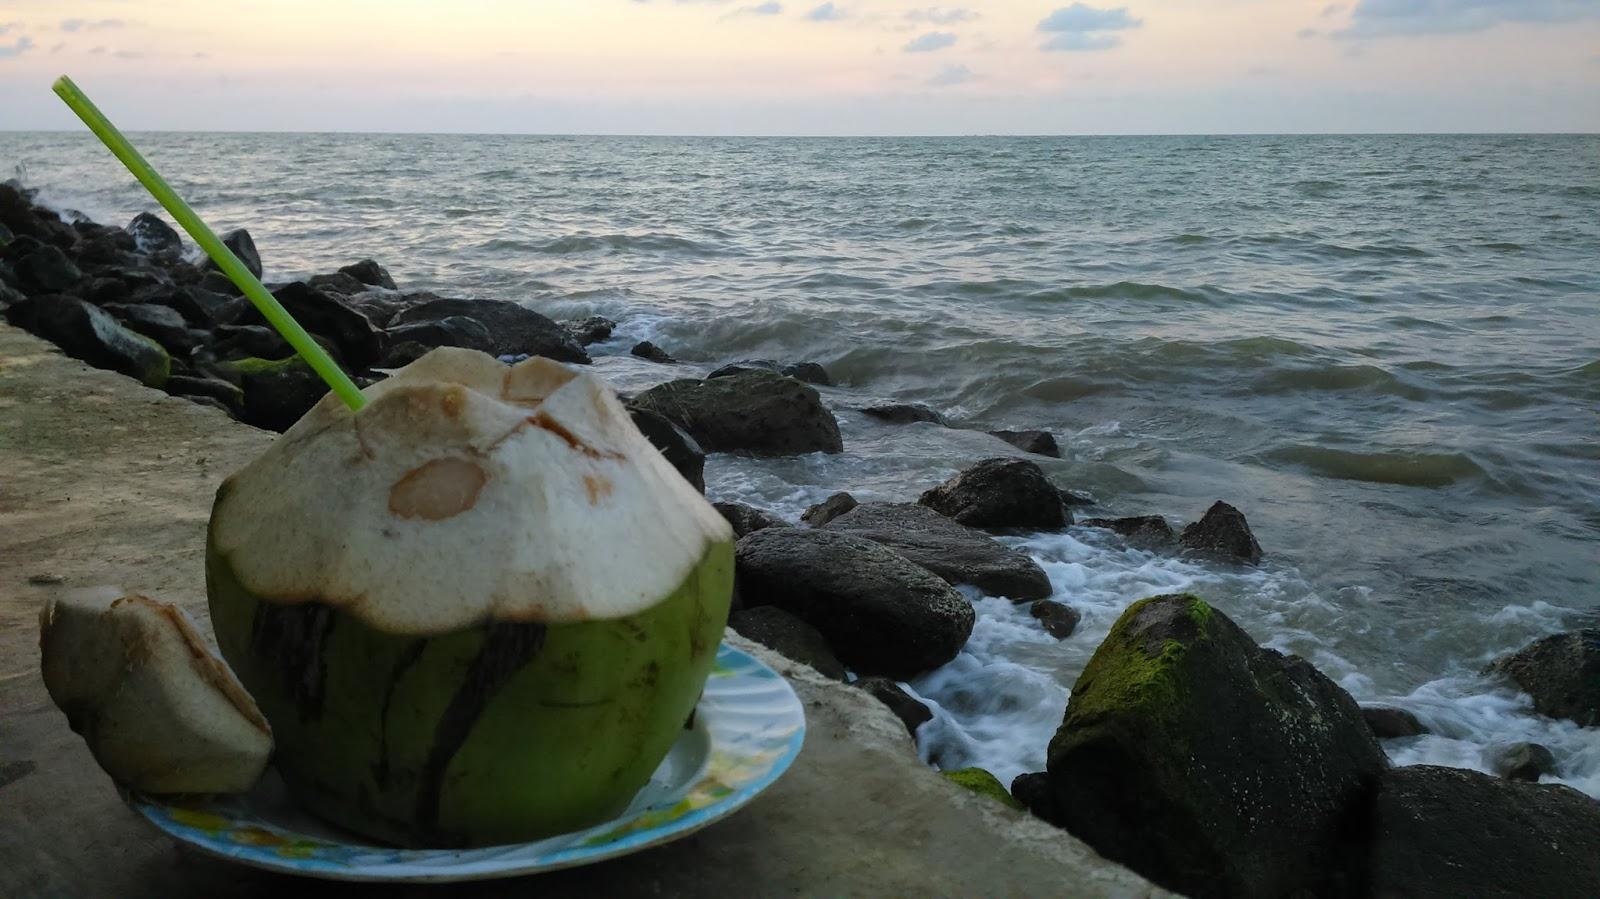 Pesona Alam di Pantai Eretan di Indramayu